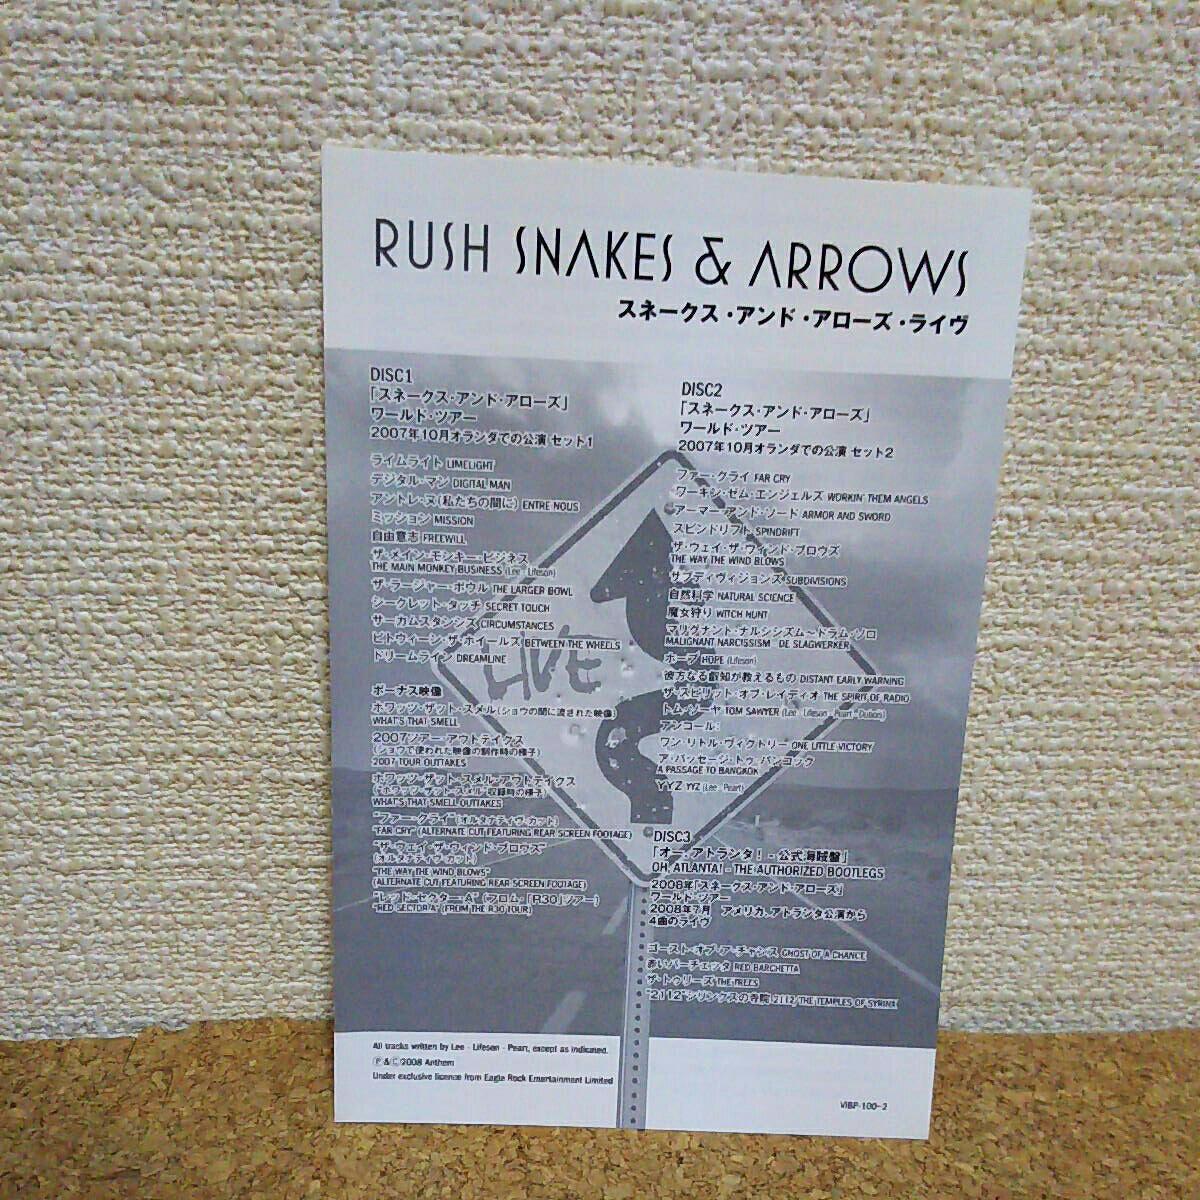 ラッシュ/スネークス・アンド・アローズ・ライヴ 国内盤3枚組 RUSH_画像7